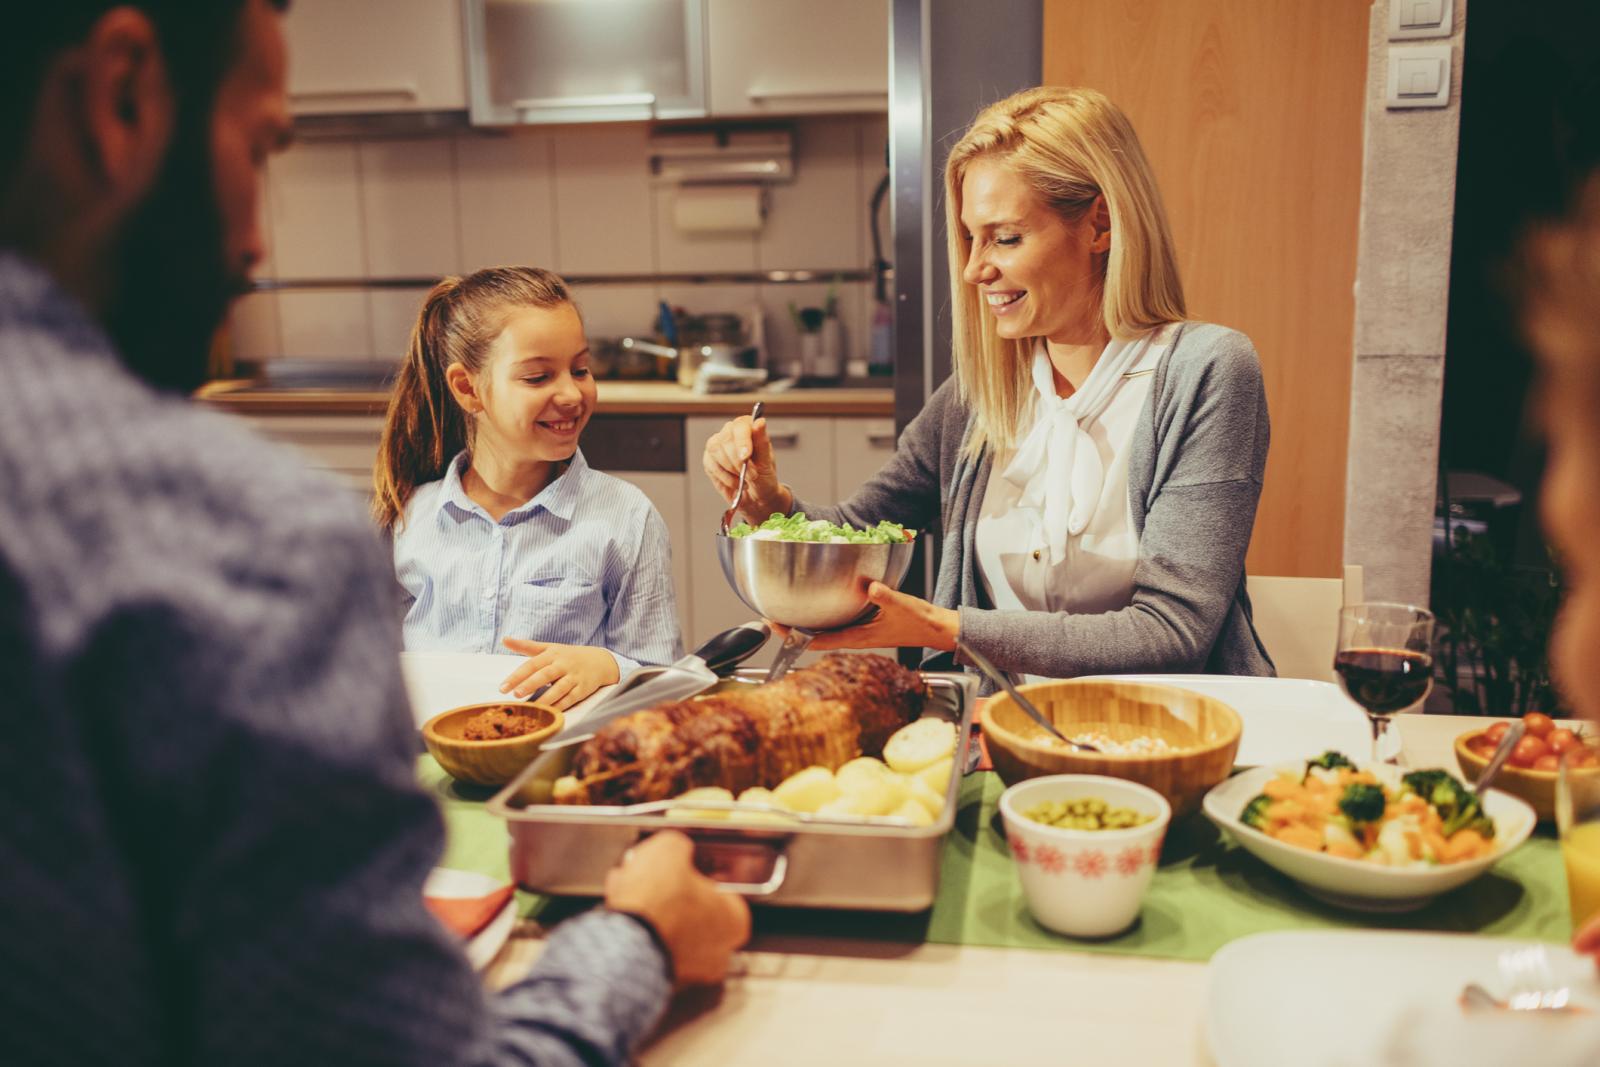 Nije loše pojesti malo mesa više puta tjedno ako ide ruku pod ruku s puno povrća.